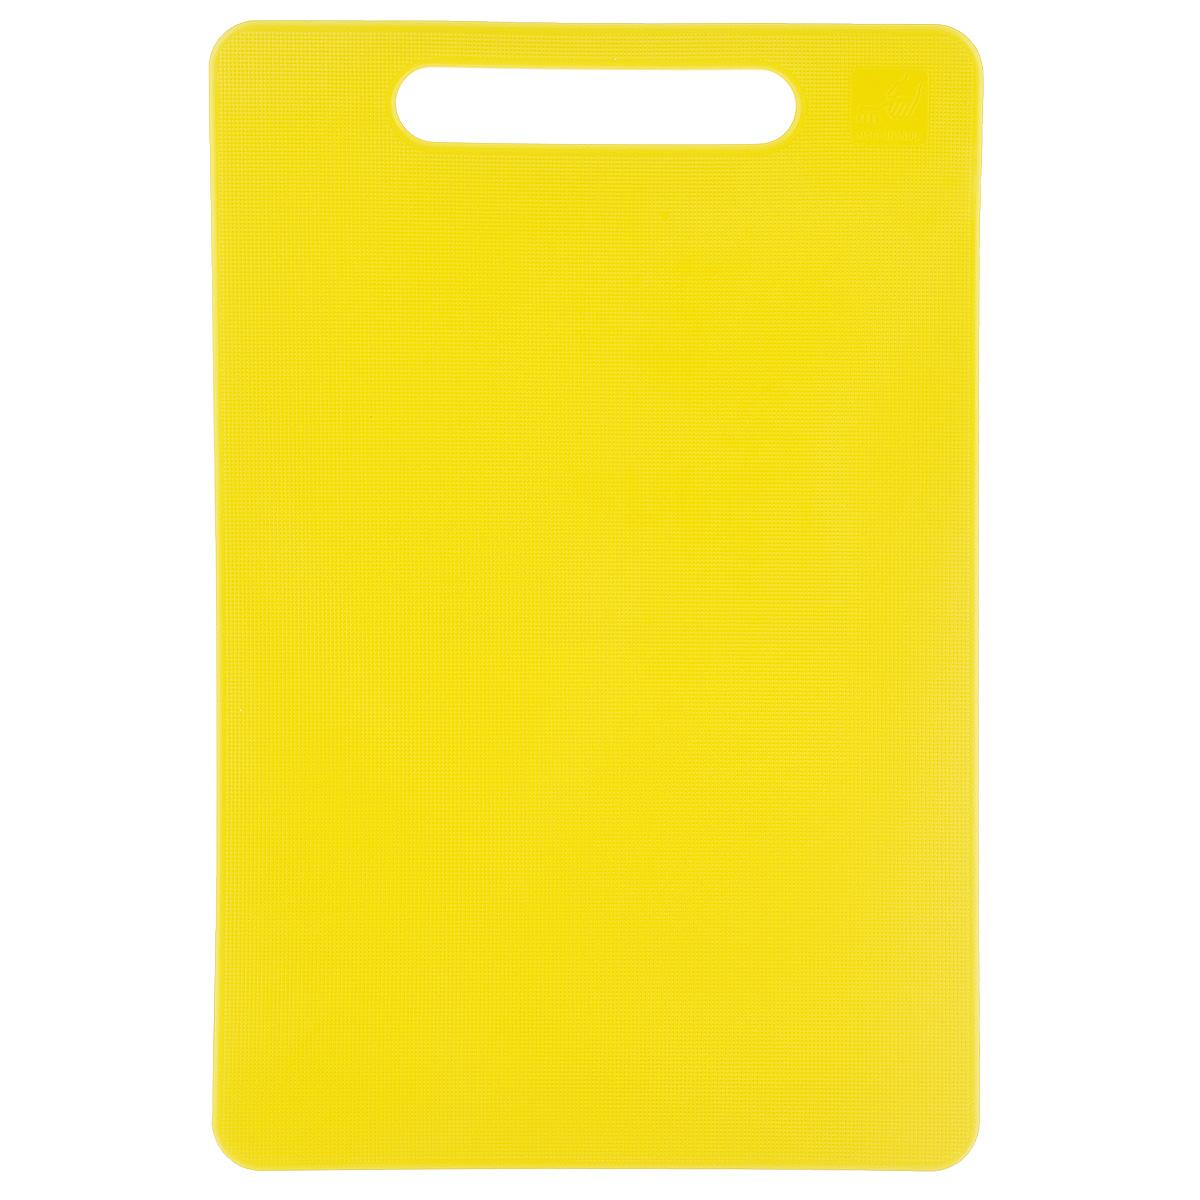 Доска разделочная Kesper, цвет: желтый, 29 см х 19,5 см3047-2Яркая разделочная доска Kesper прекрасно подходит для разделки всех видов пищевых продуктов. Изготовлена из одноцветного прочного пластика. Изделие оснащено отверстием для подвешивания на крючок. Можно мыть в посудомоечной машине.